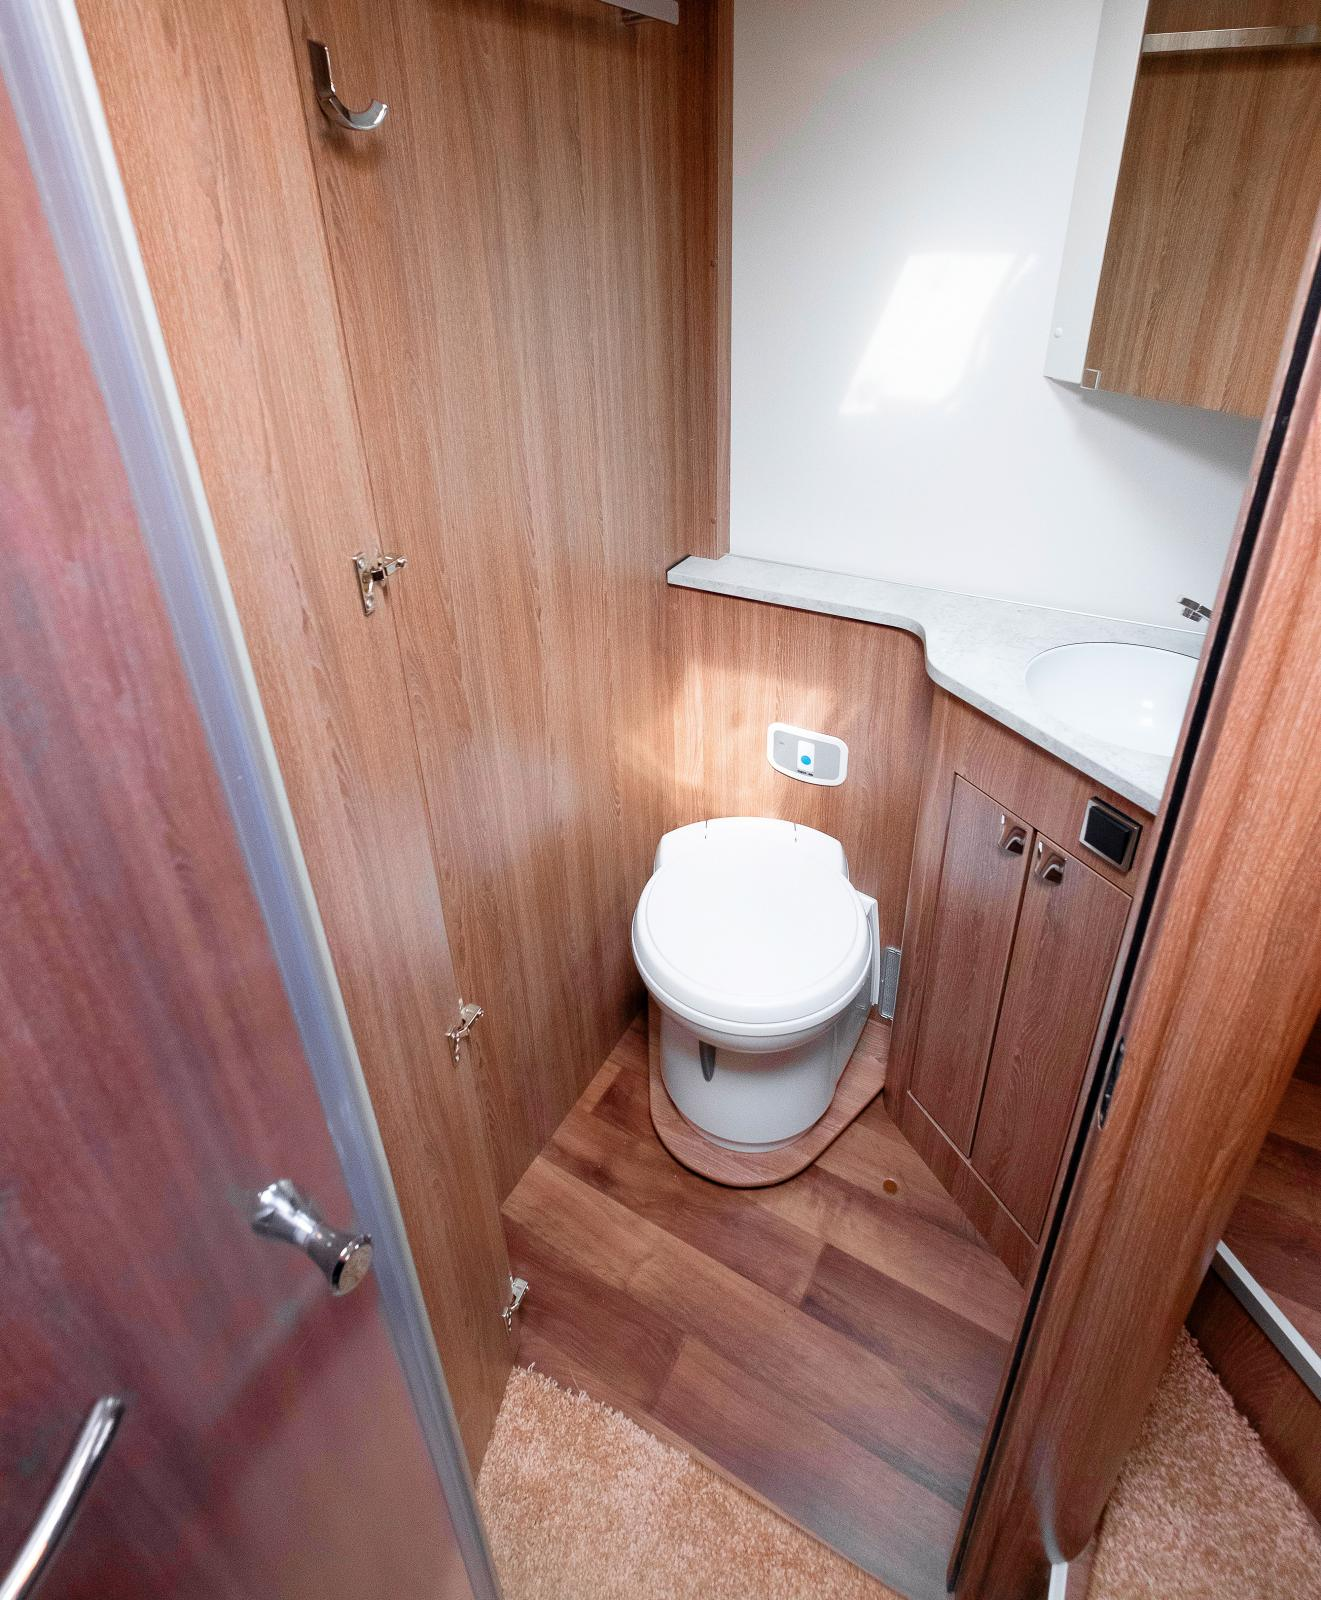 Toaletten är stor och det finns rejält med svängrum.